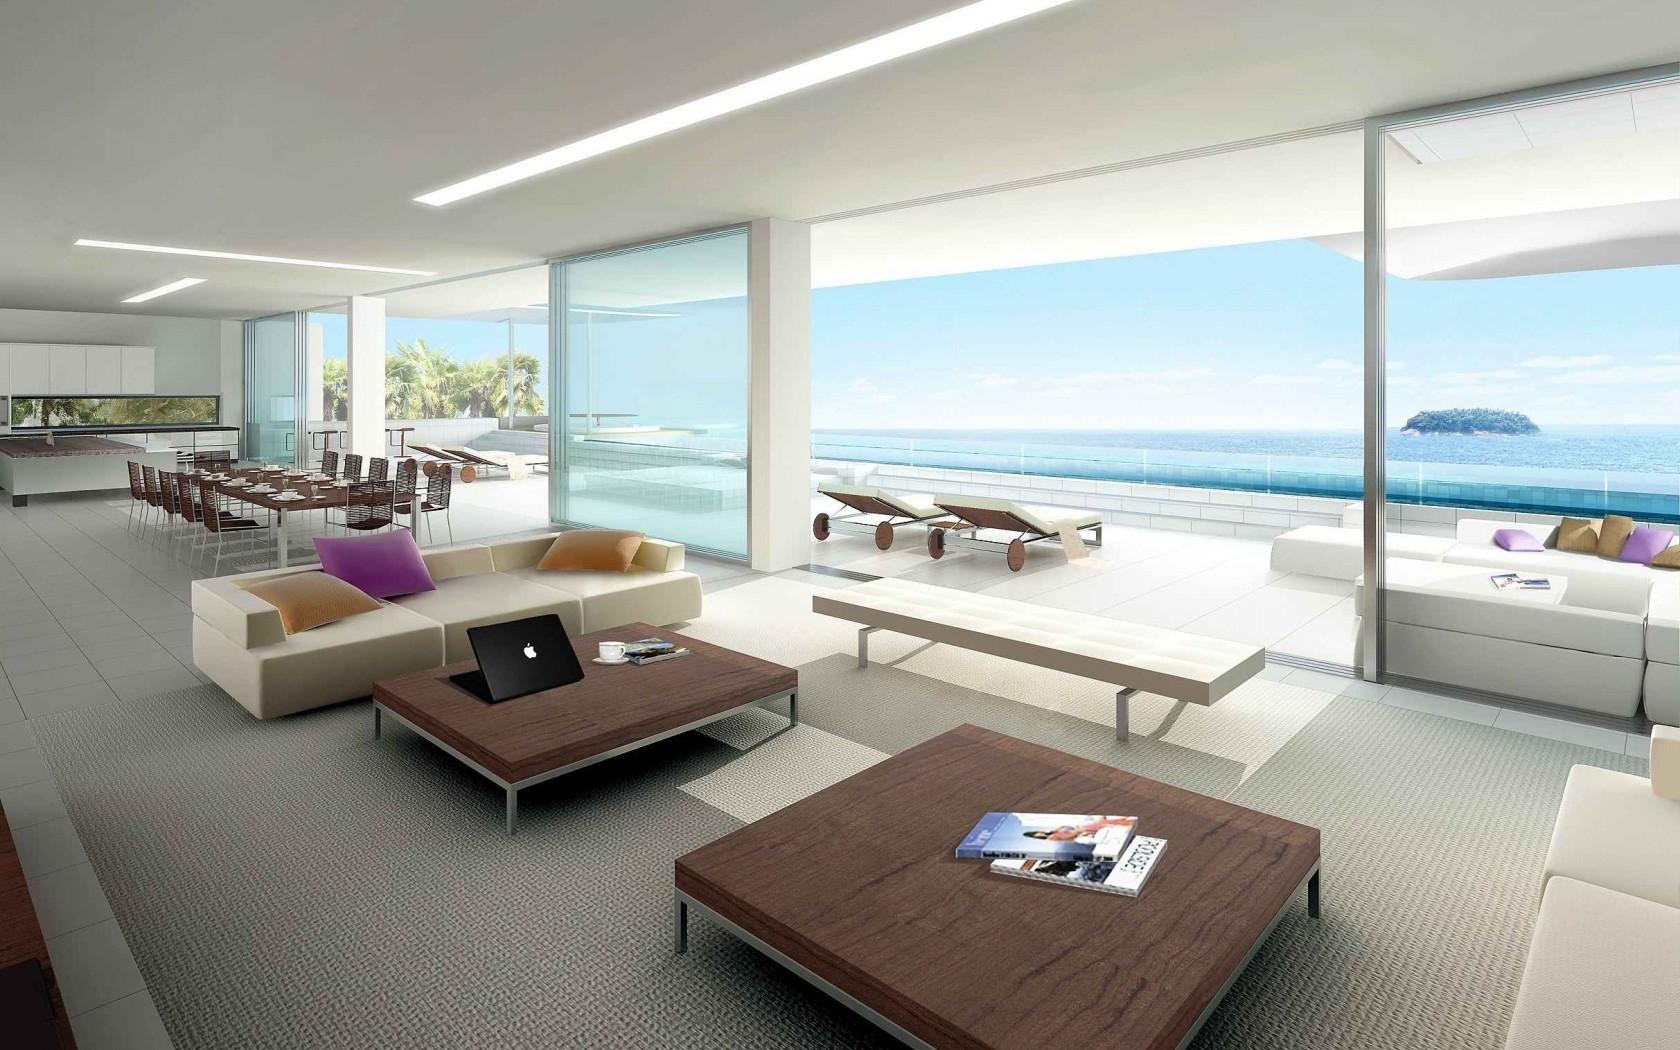 Innenarchitektur Yacht hintergrundbilder zimmer innere modern yacht innenarchitektur